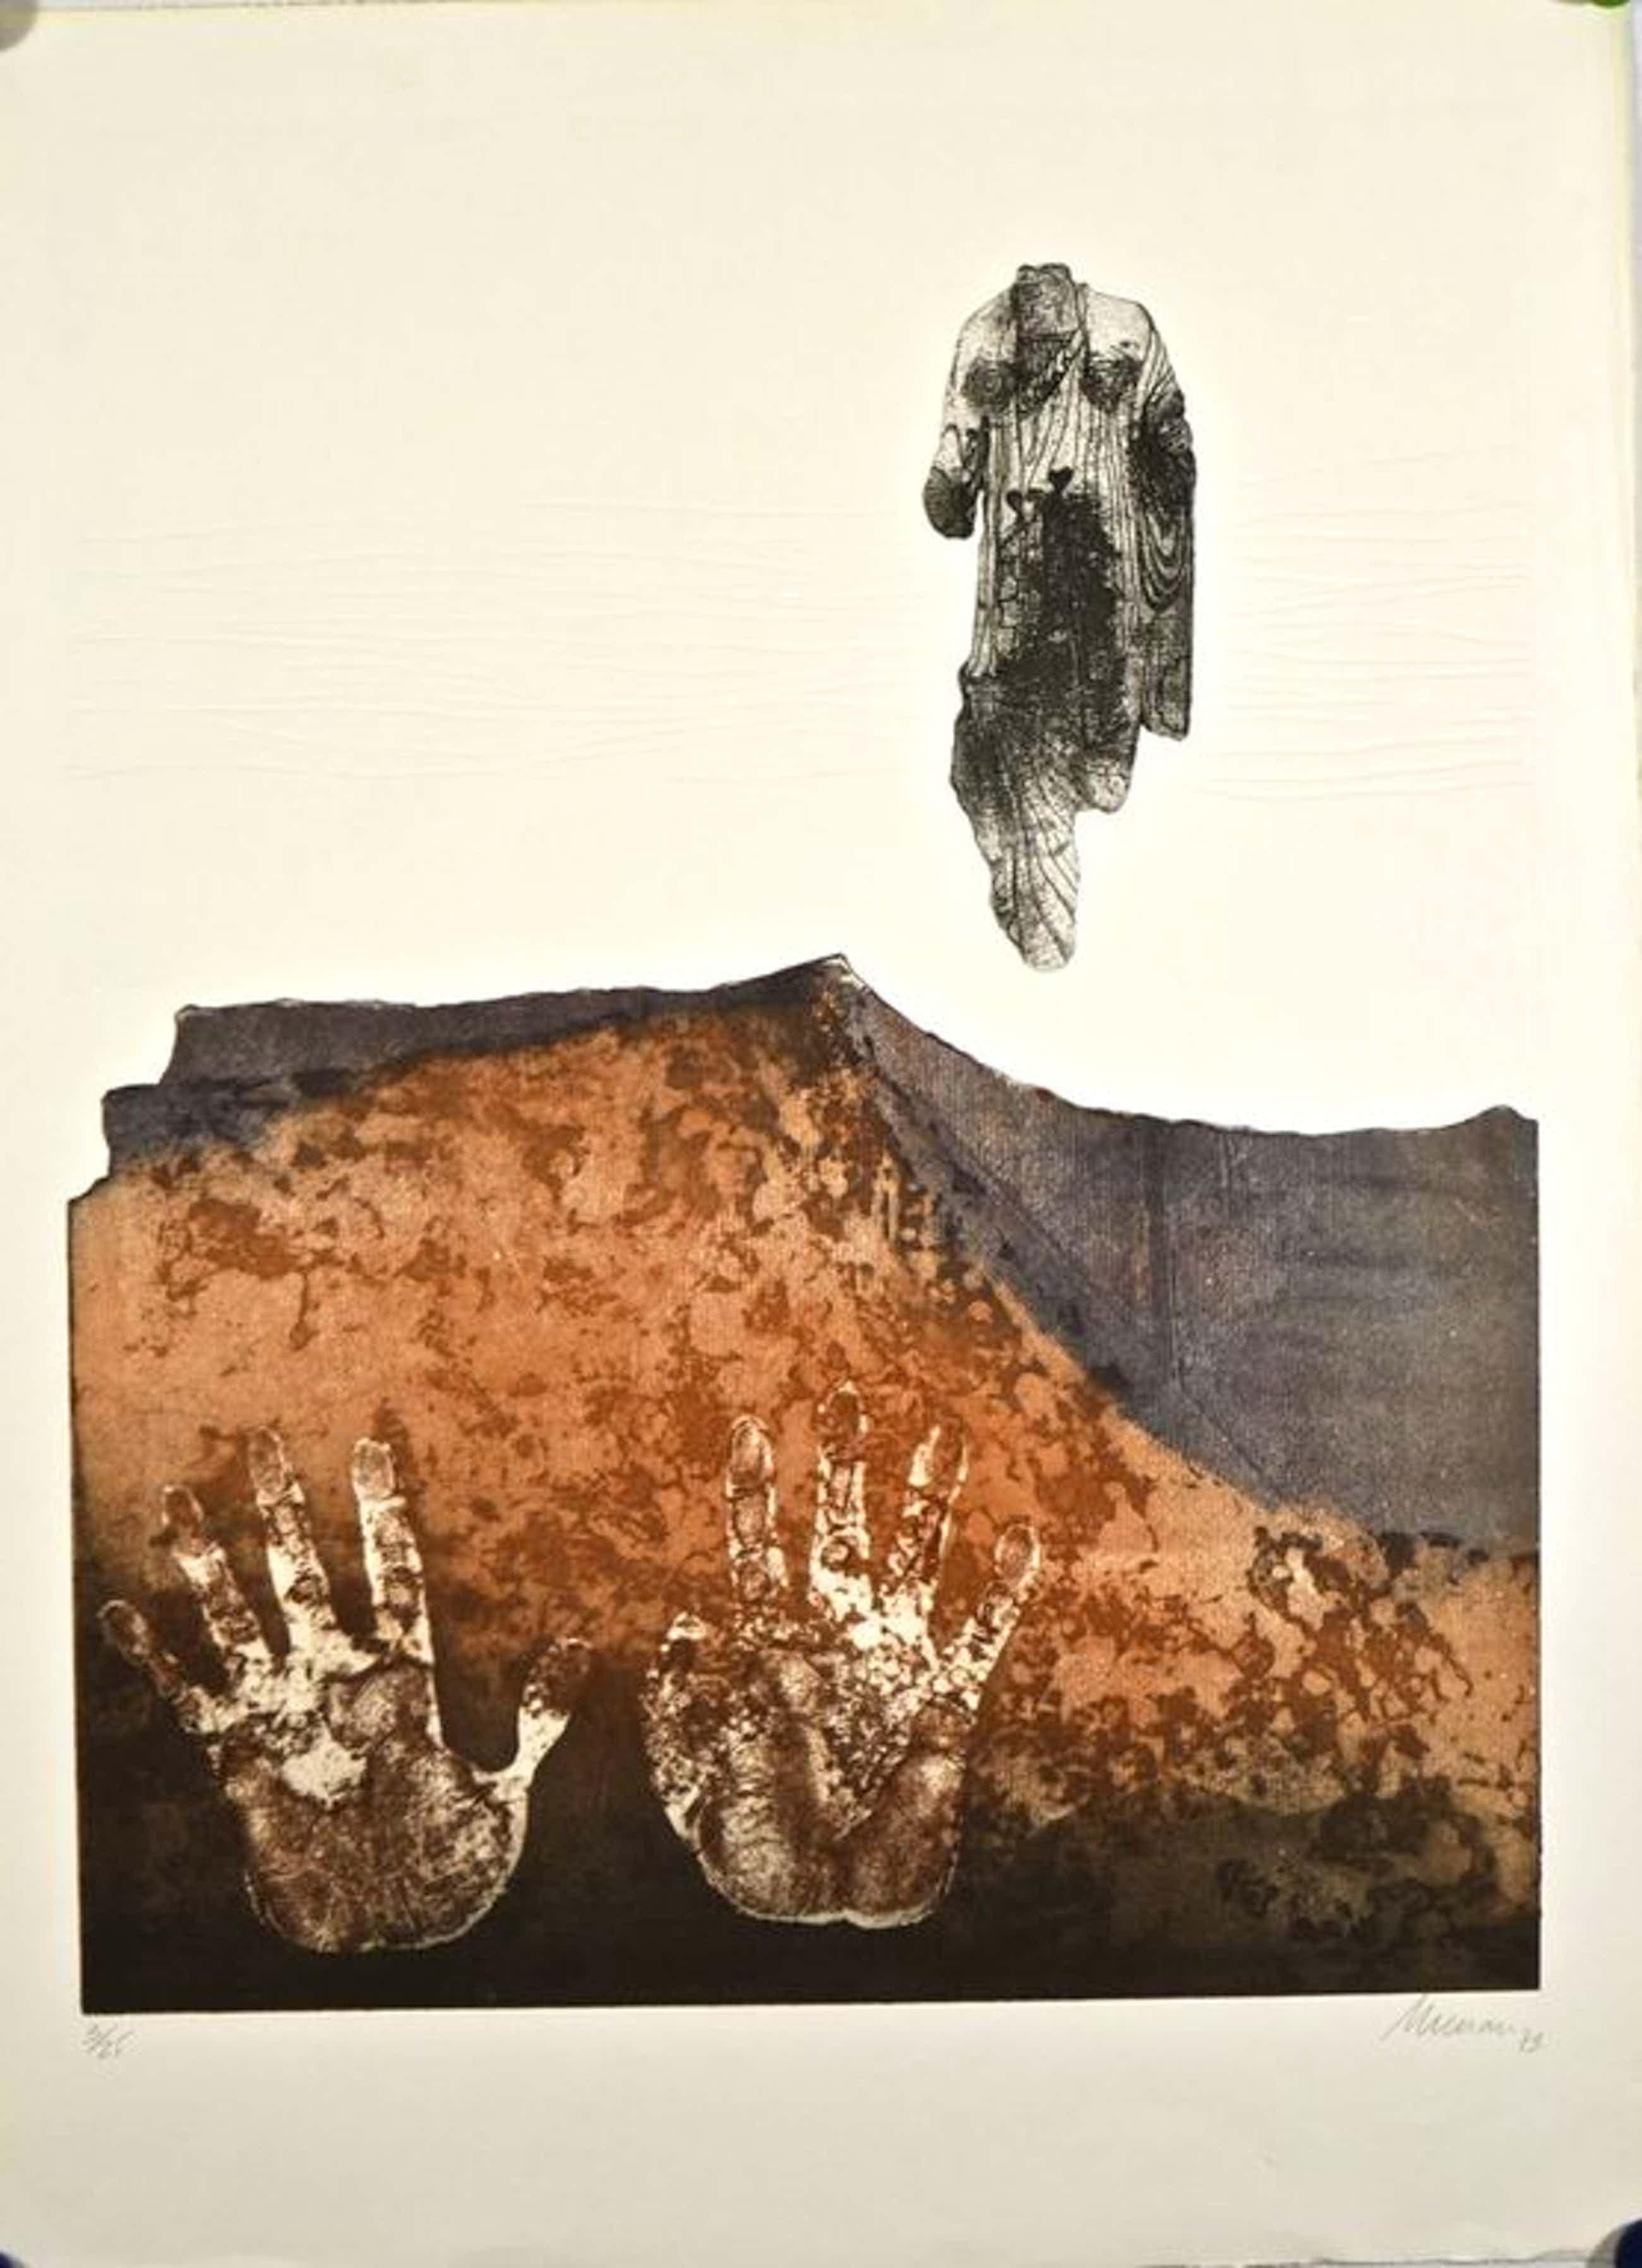 Manuel Menan: Kleurenets met reliefdruk + affiche, 1973 kopen? Bied vanaf 50!